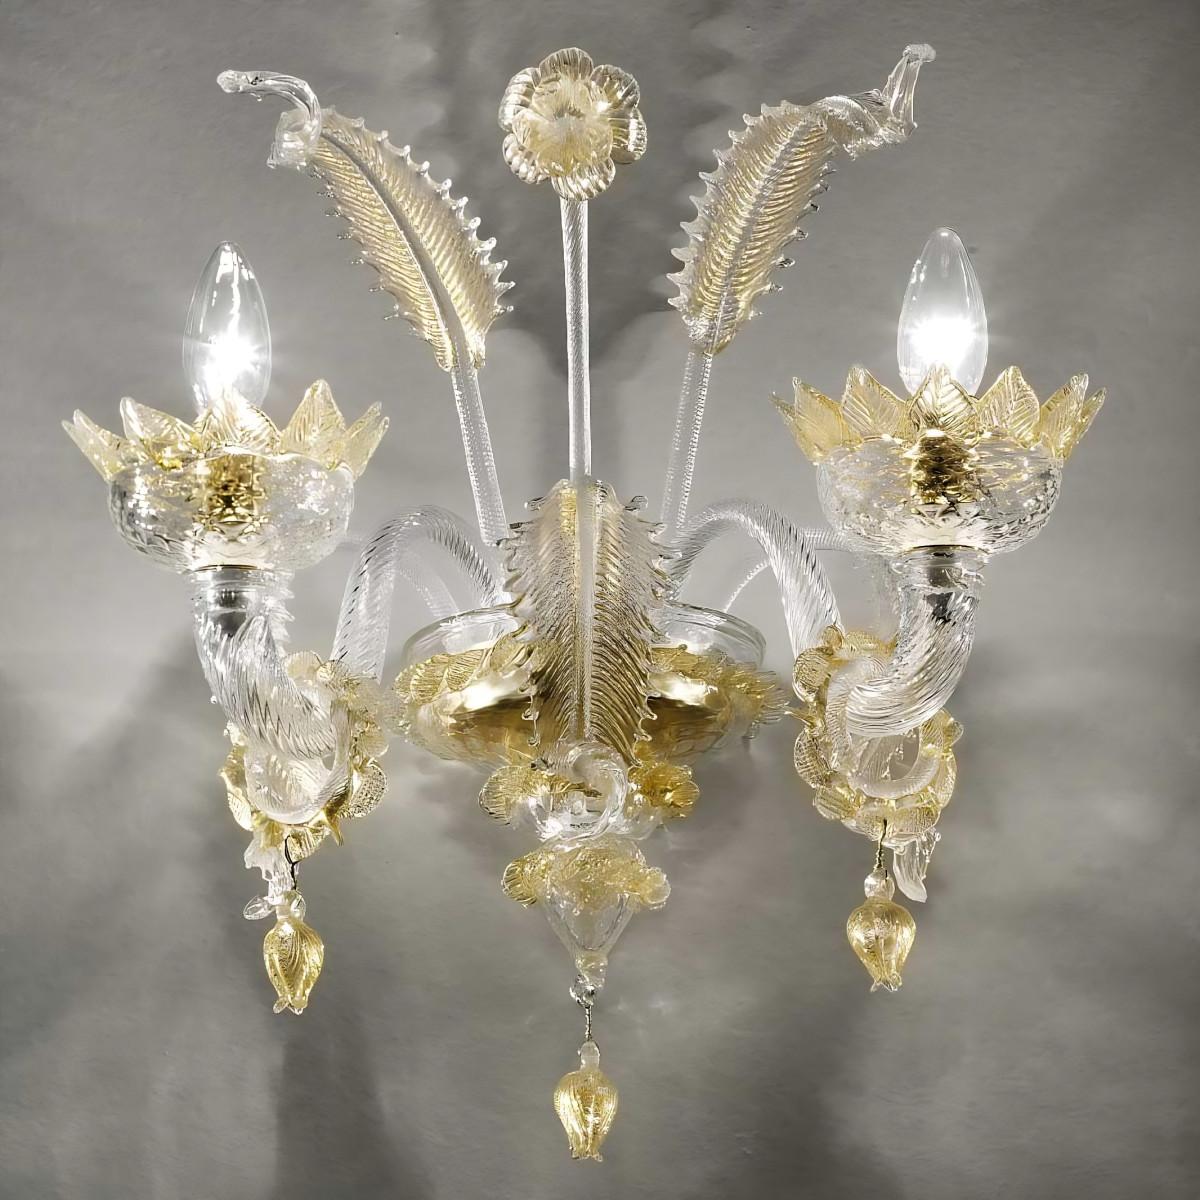 Casanova aplique de Murano 2 luces  con anillos - color transparente oro